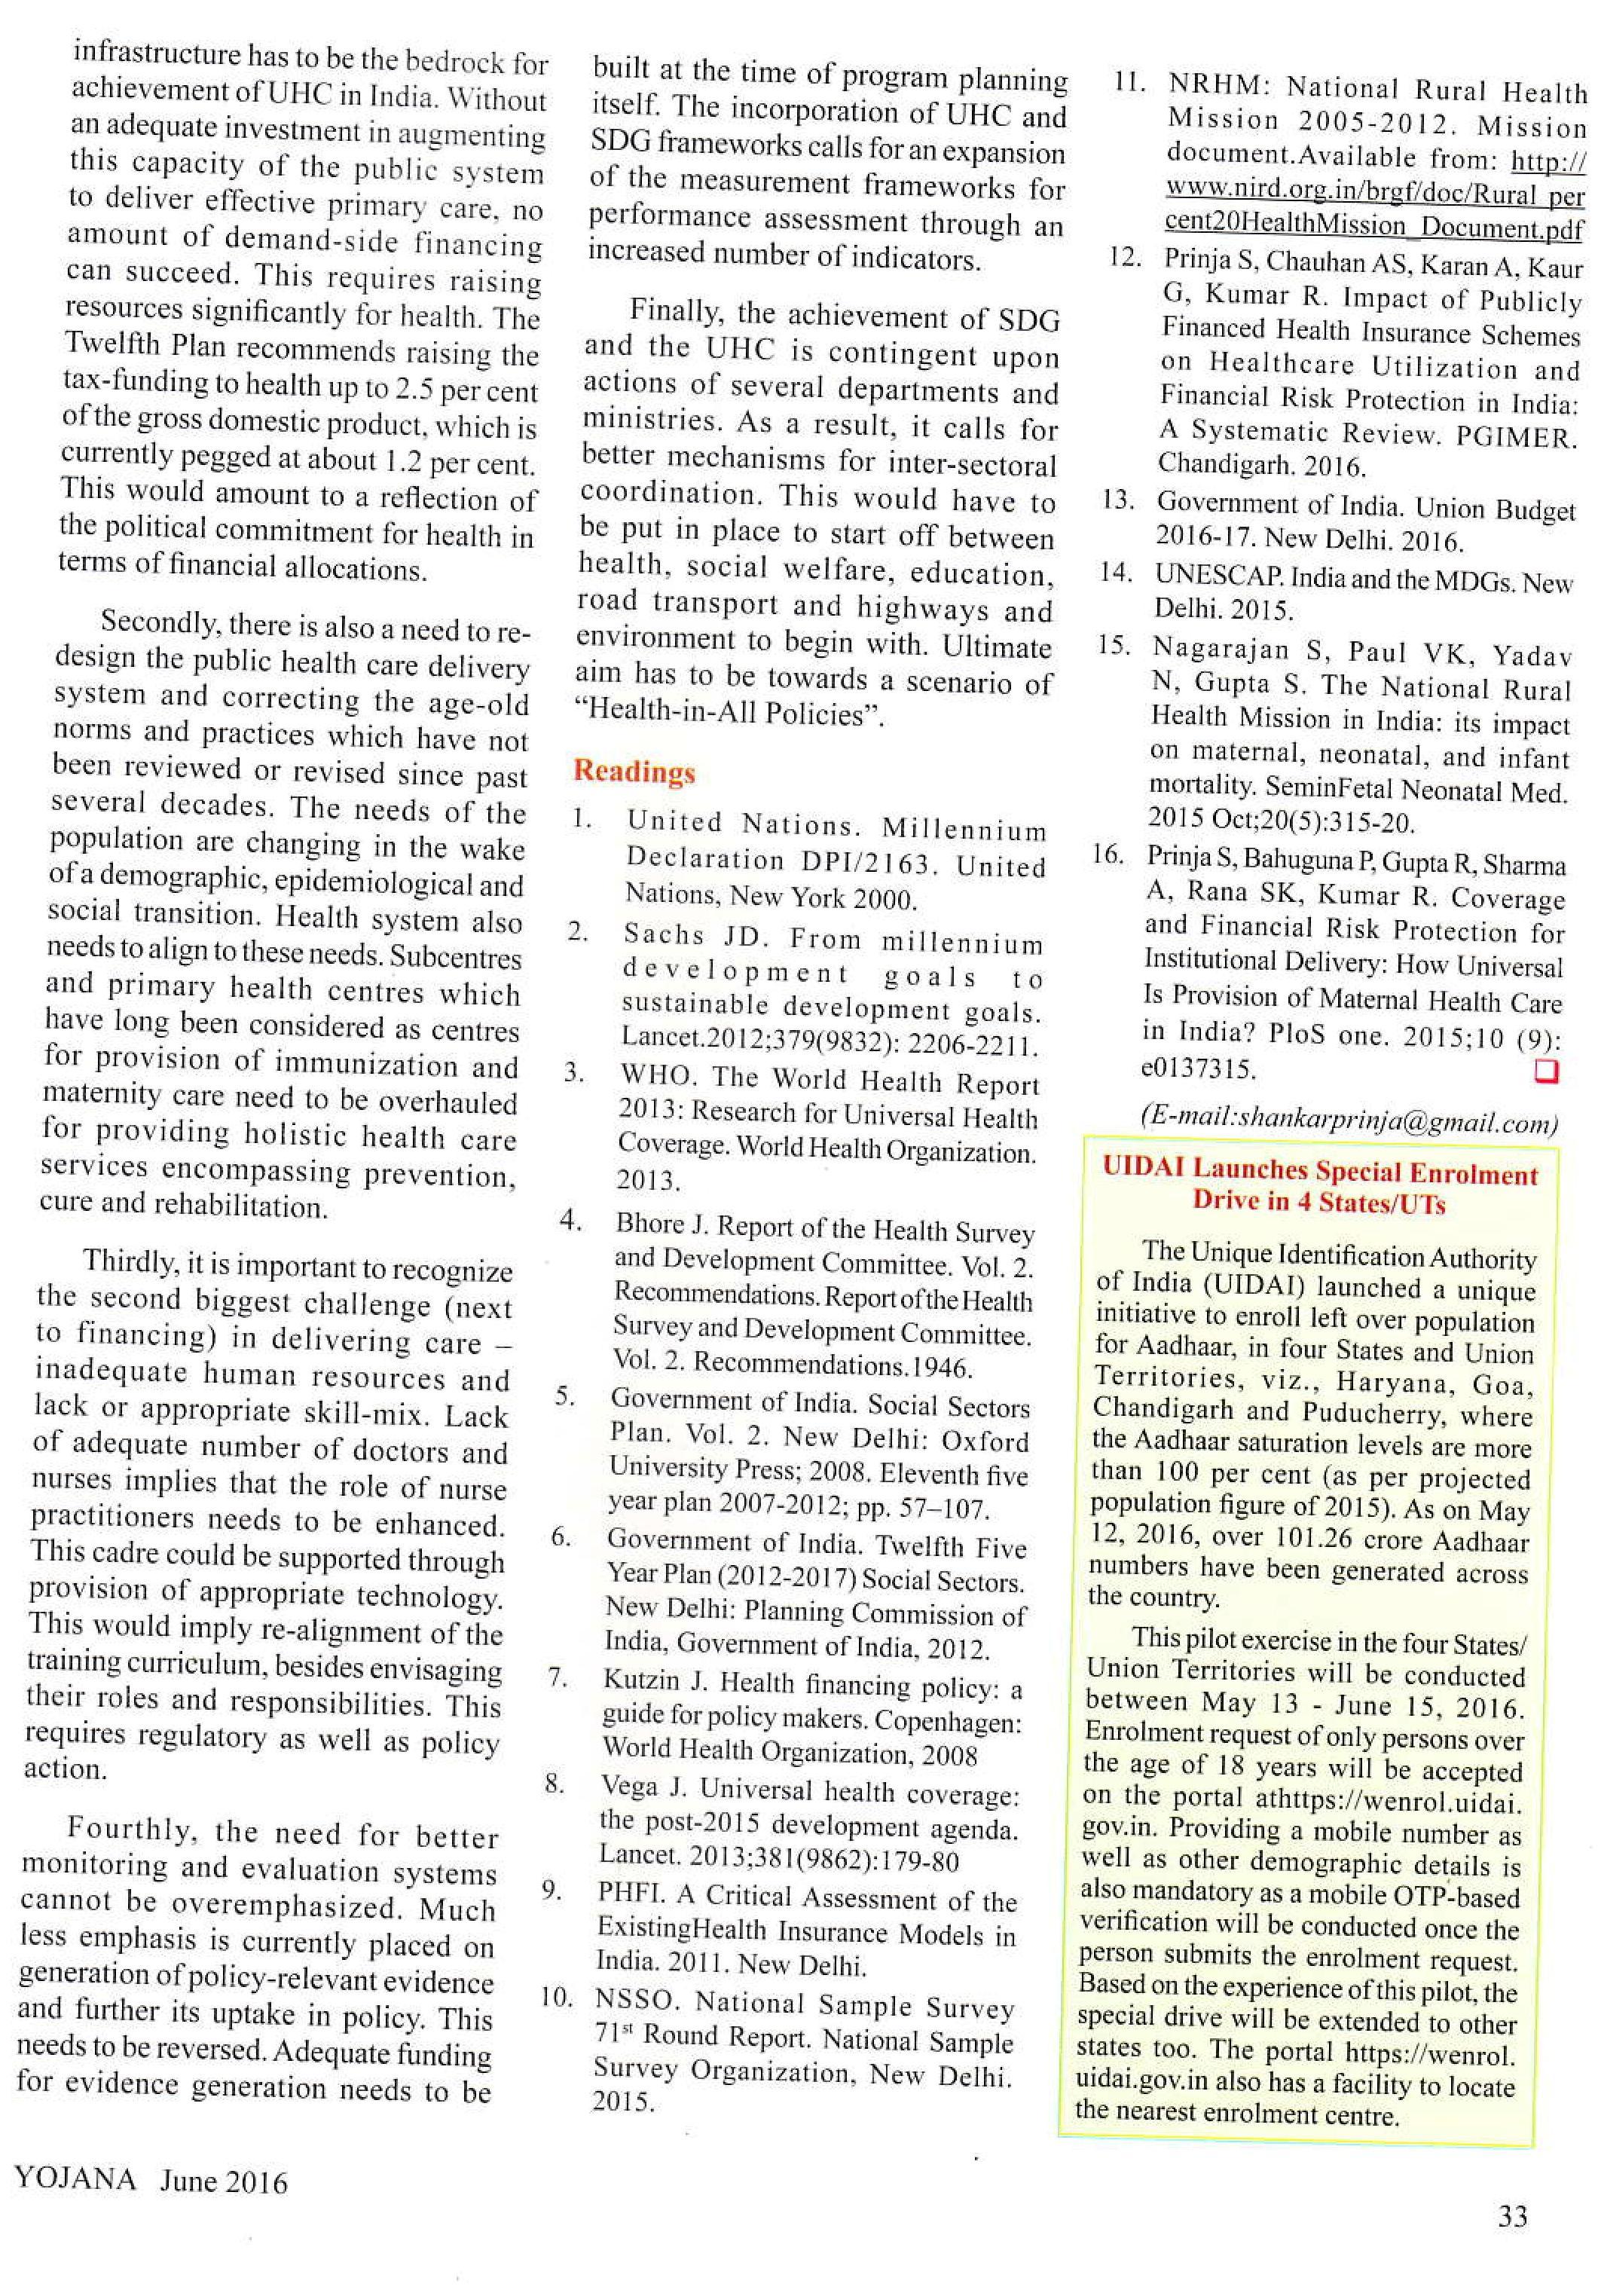 yojana english-page-004